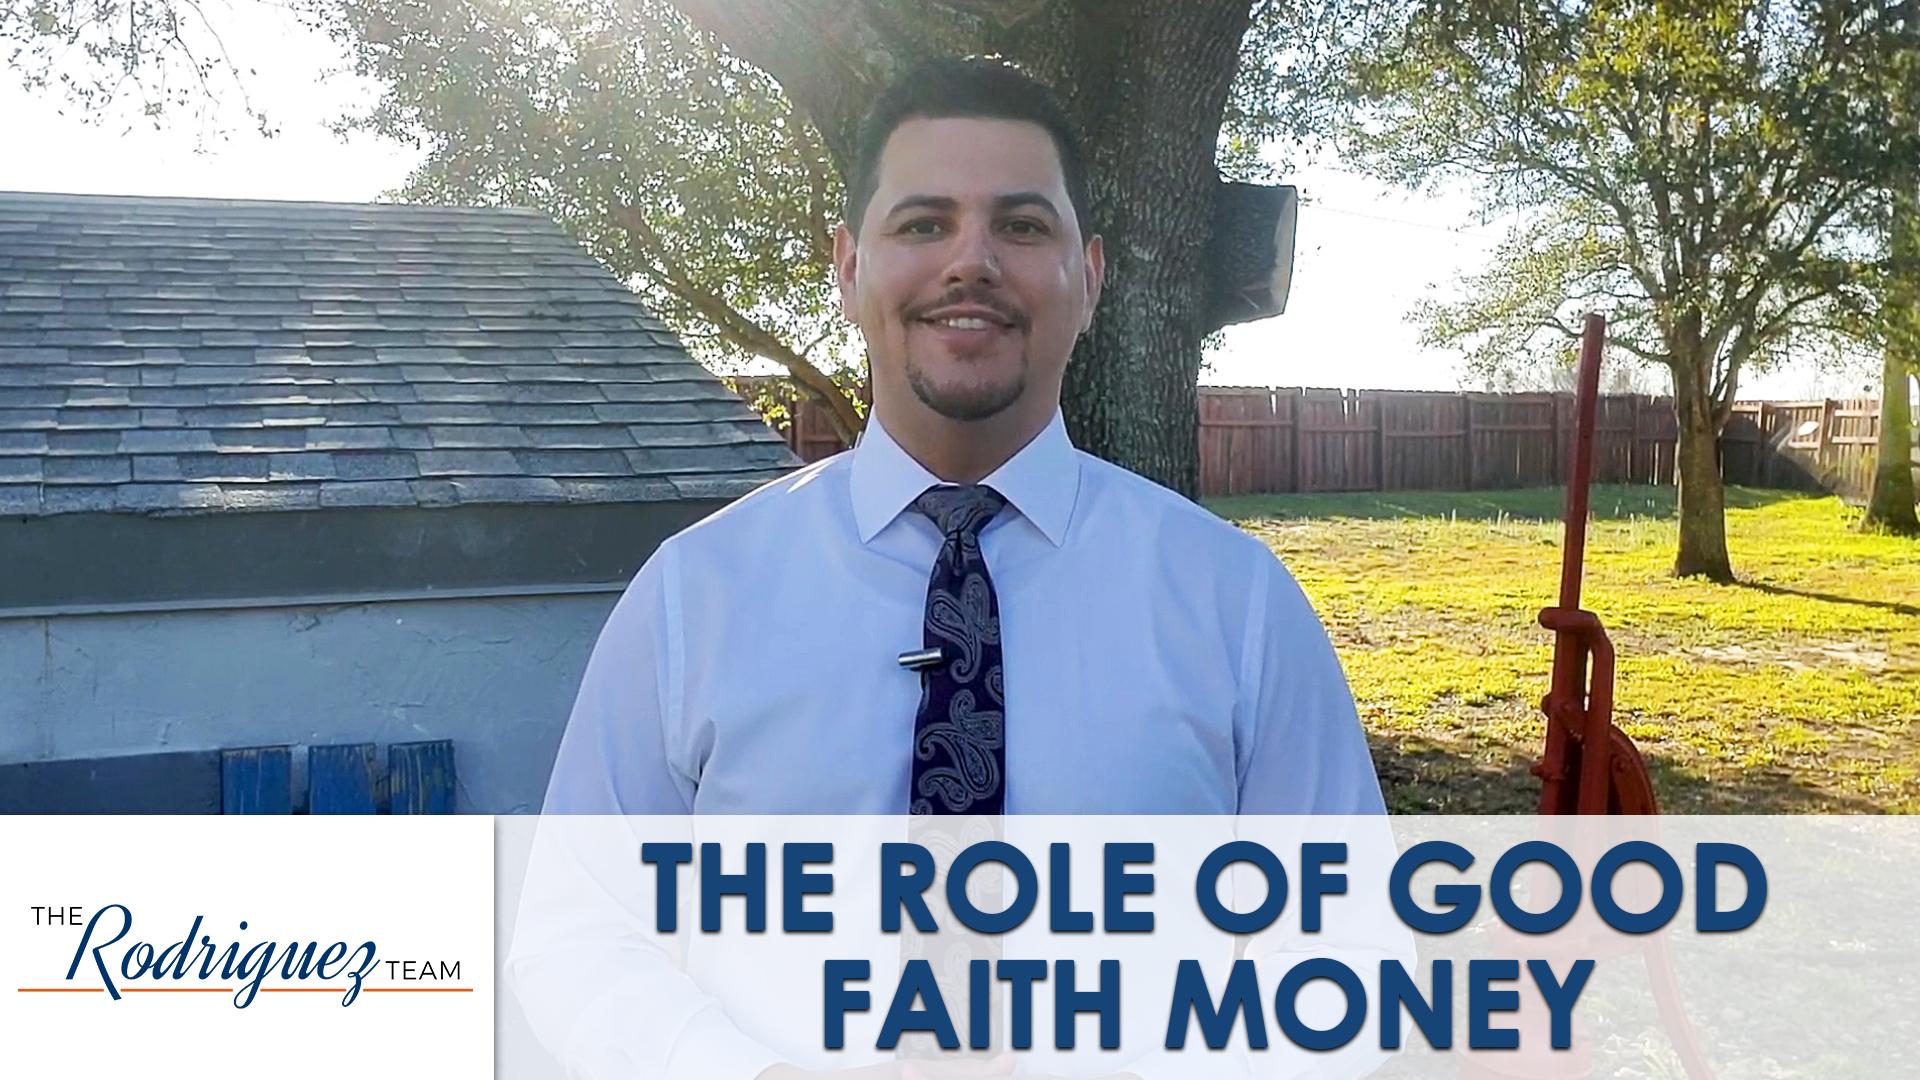 Why Is Good Faith Money Important?